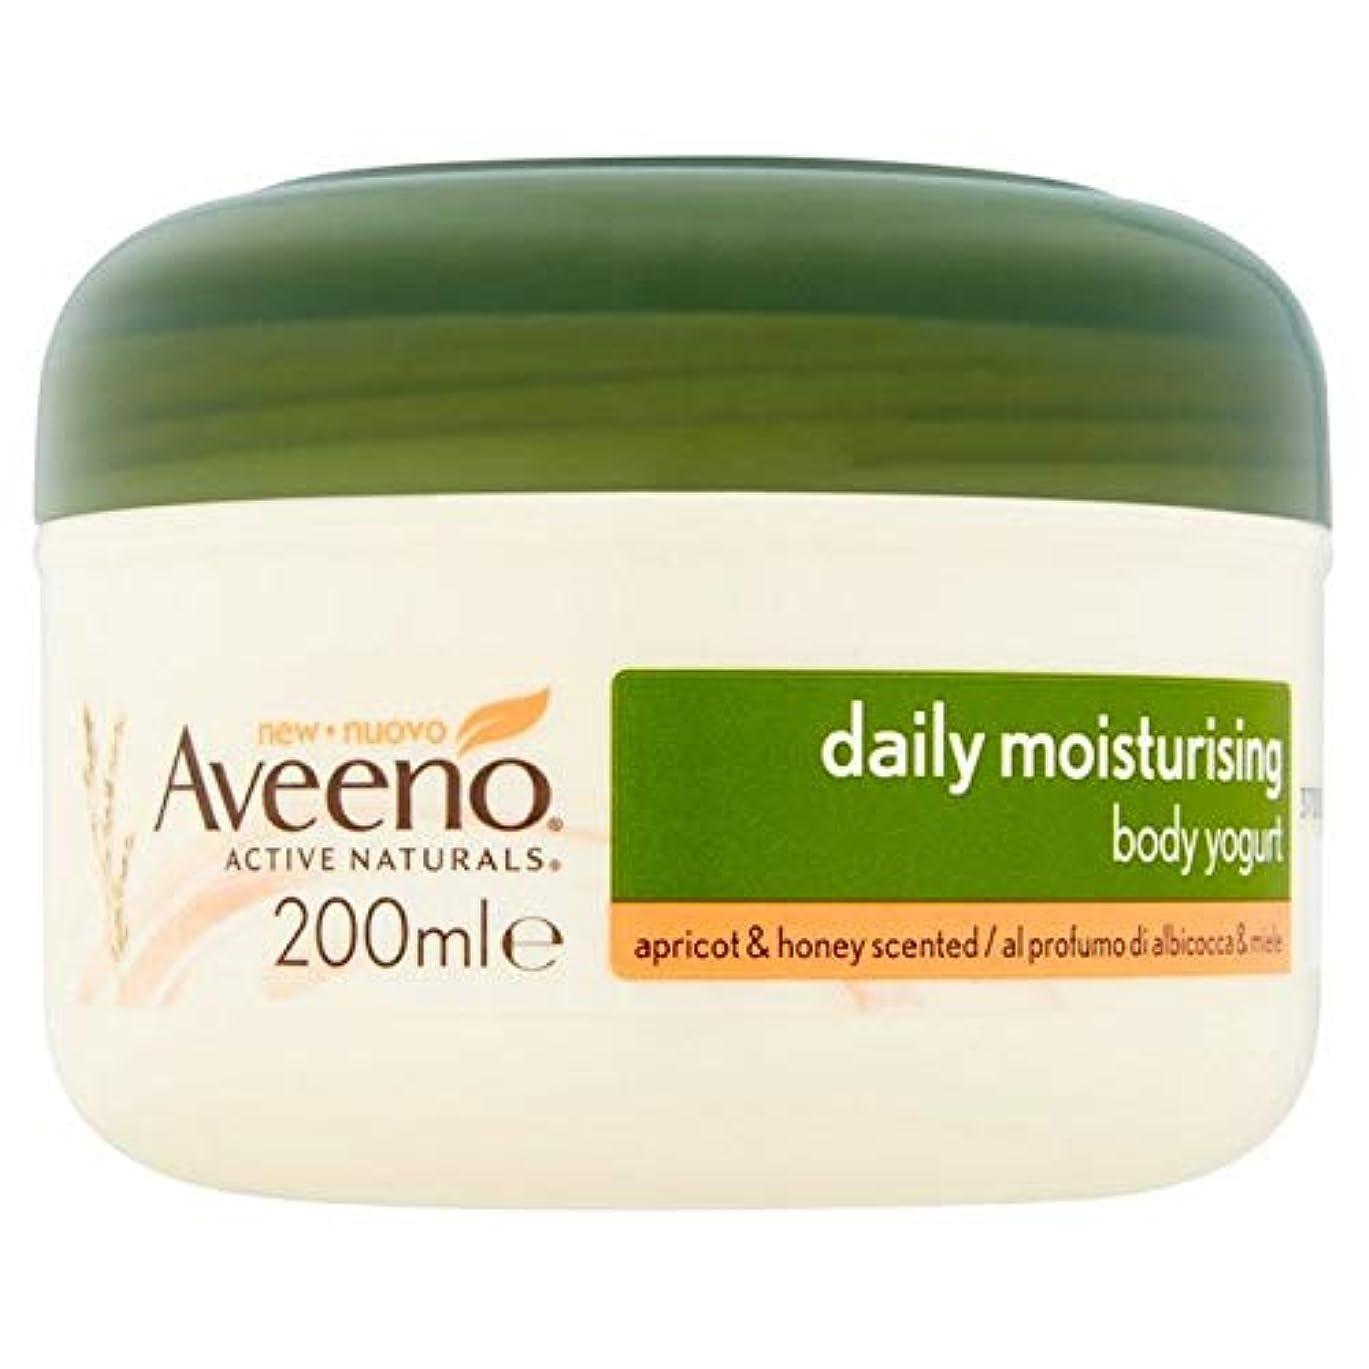 ソーシャル縮れた頬骨[Aveeno] Aveeno毎日保湿ボディヨーグルトアプリコット&ハニー200ミリリットル - Aveeno Daily Moisturising Body Yogurts Apricot & Honey 200ml...